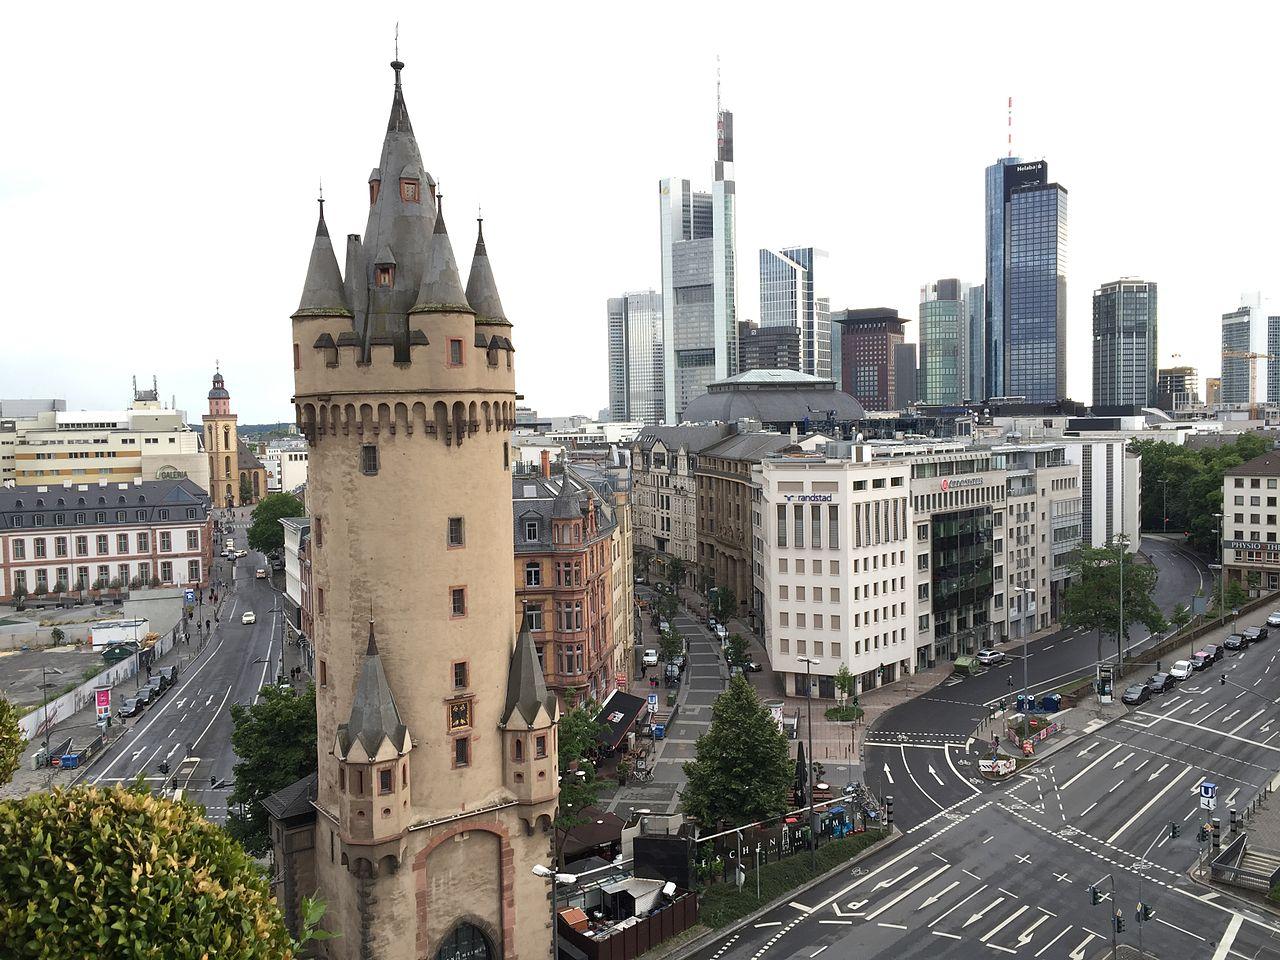 Turm Hotel Frankfurt Eschersheimer